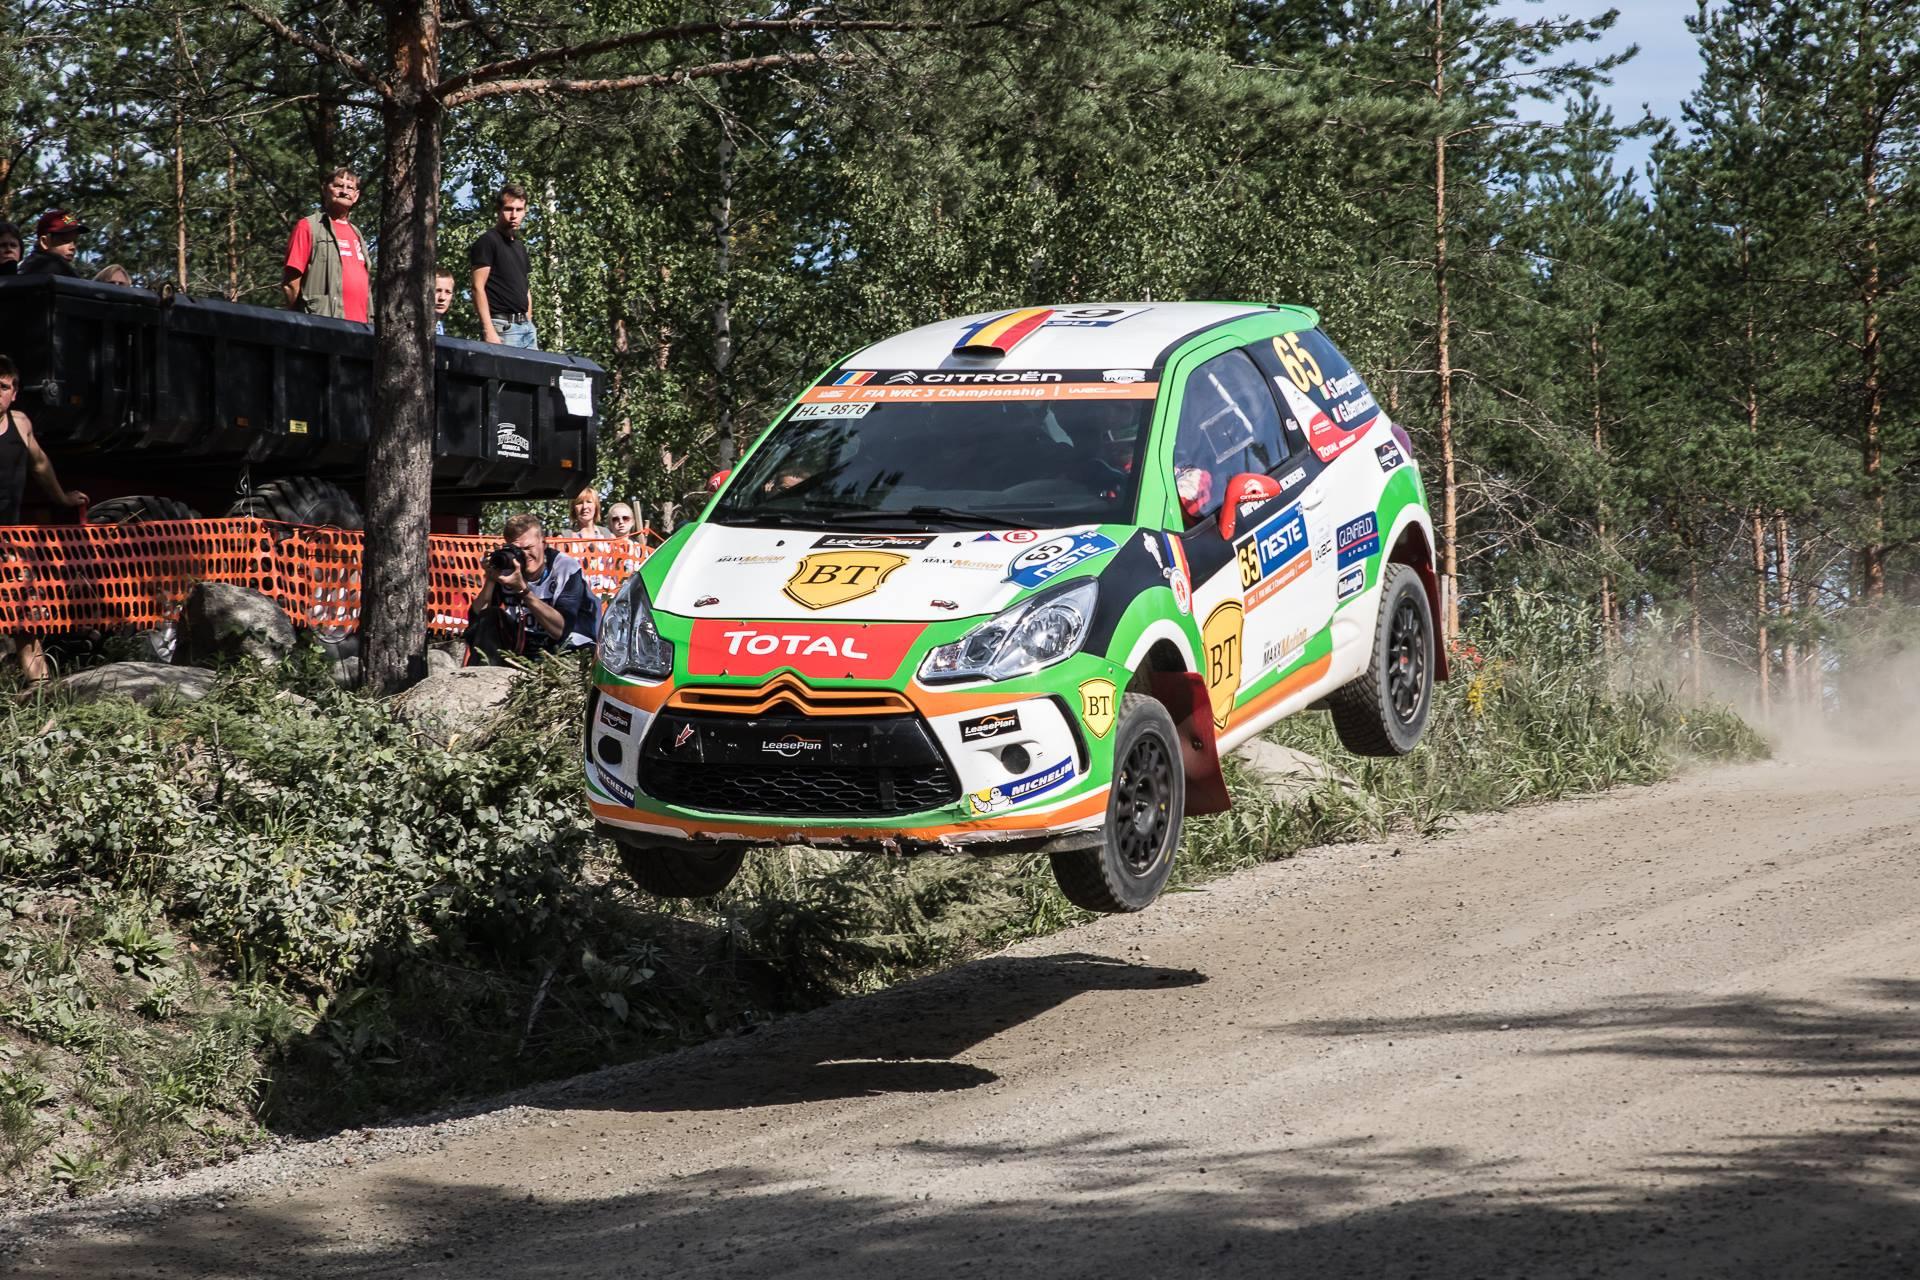 Simone Tempestini a câștigat legendara Ouninpohja și își consolidează poziția secundă în Junior WRC la Raliul Finlandei